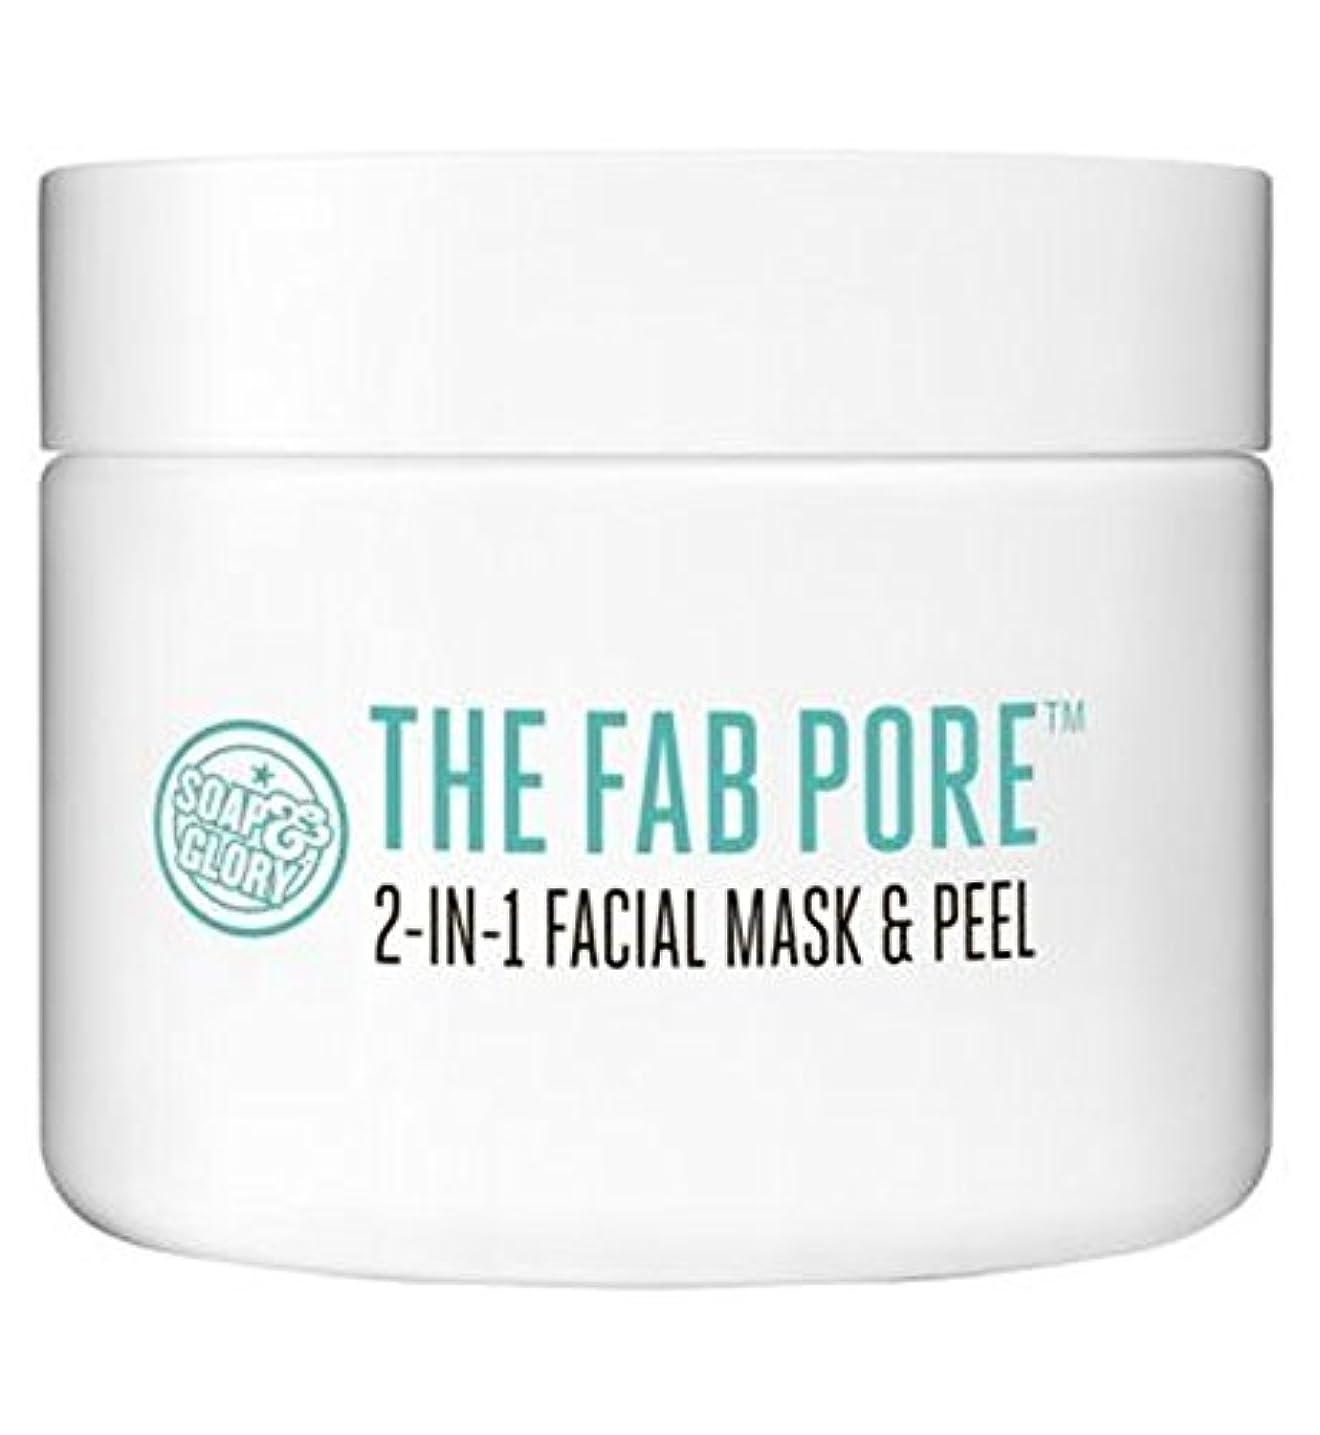 リンス信頼性のあるペンフレンドファブ細孔?2イン1顔の細孔浄化マスク&ピール?石鹸&栄光 (Soap & Glory) (x2) - Soap & Glory? Fab Pore? 2-in-1 Facial Pore Purifying Mask...